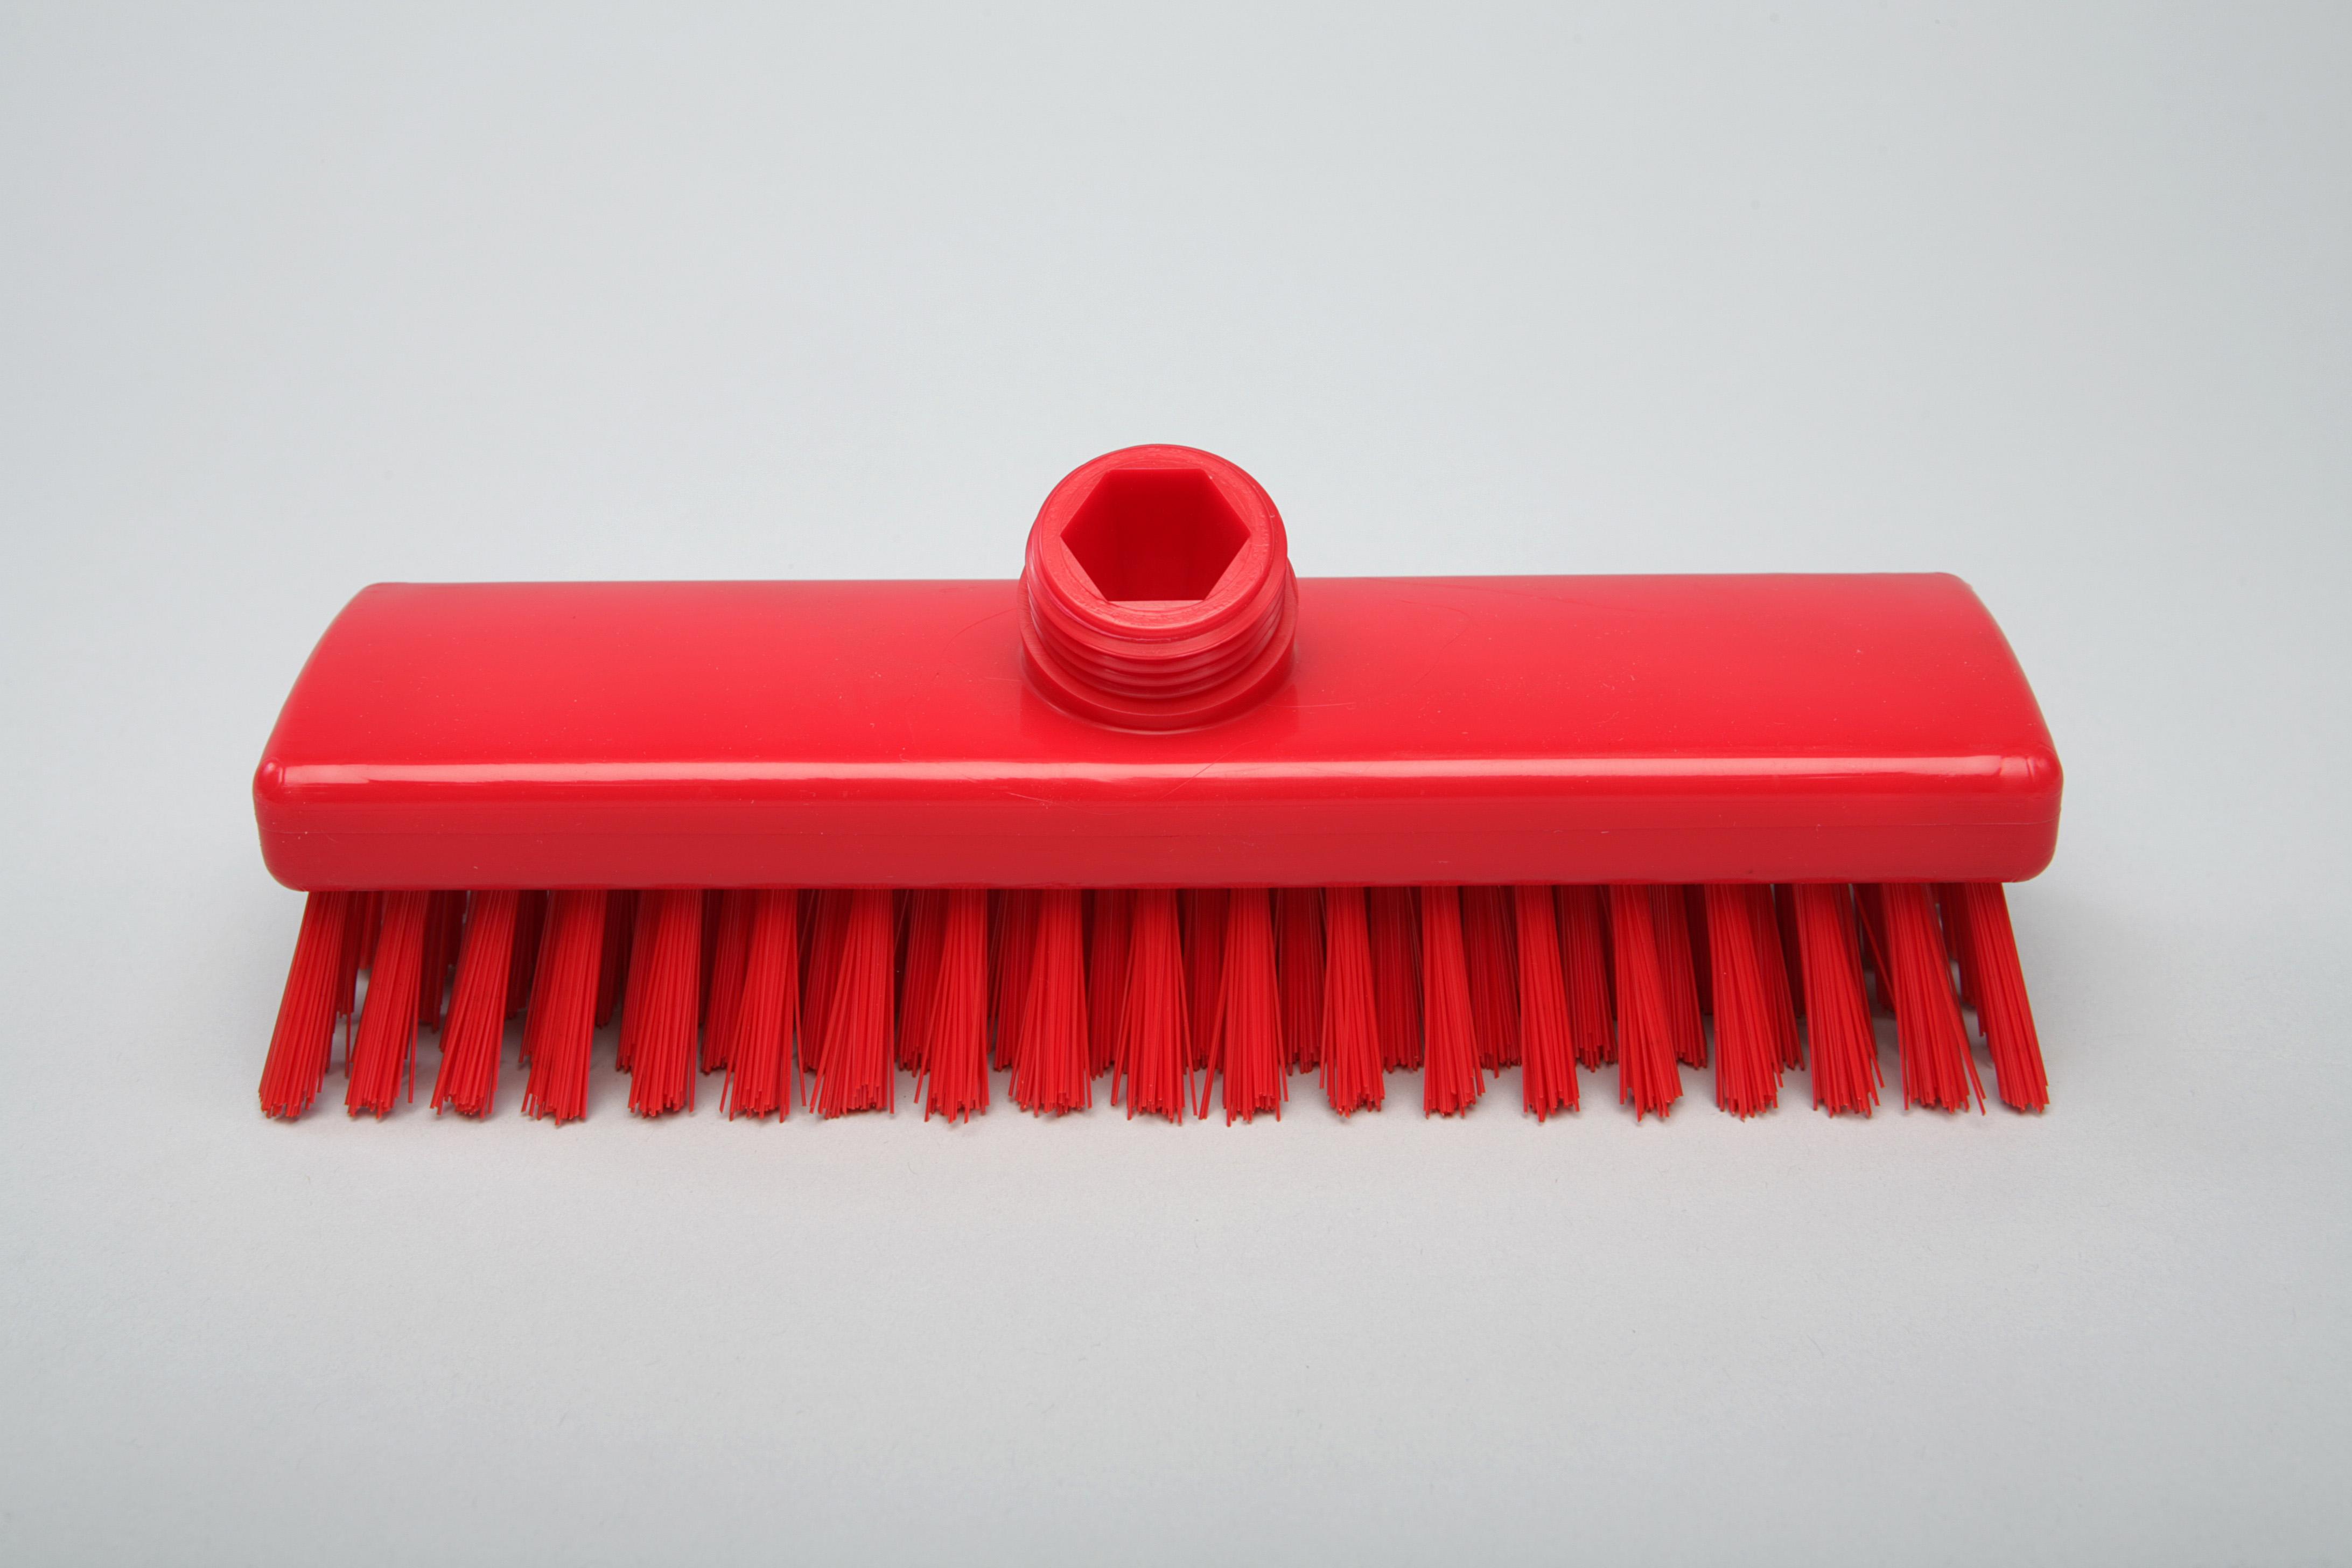 Unimop küürimishari 280 x 50 x 30 mm, tugev, punane, kastis 6 tk